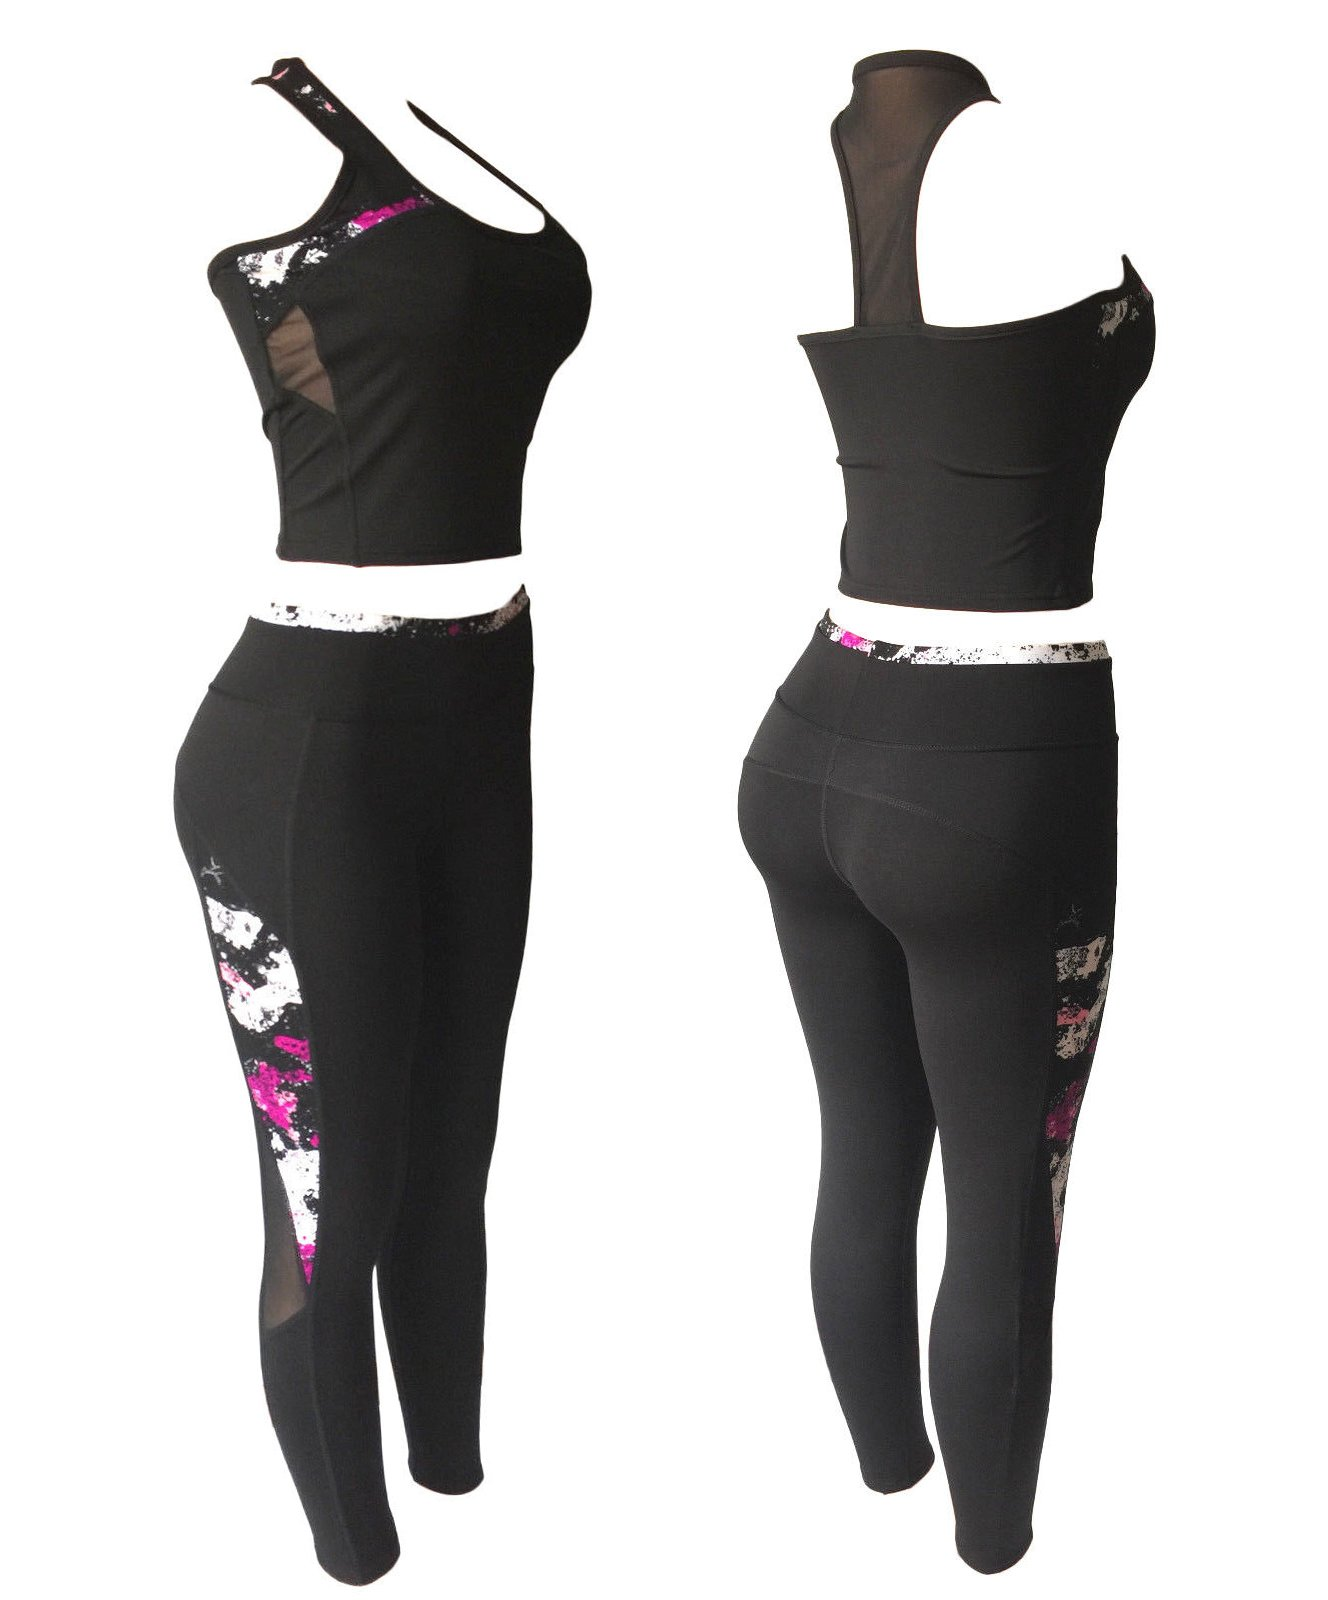 NY GOLDEN FASHION Women Sports Gym Yoga Suit Workout Activewear 2 Pieces Top+Leggings Set (S/M, Plum/White/Black Mix)